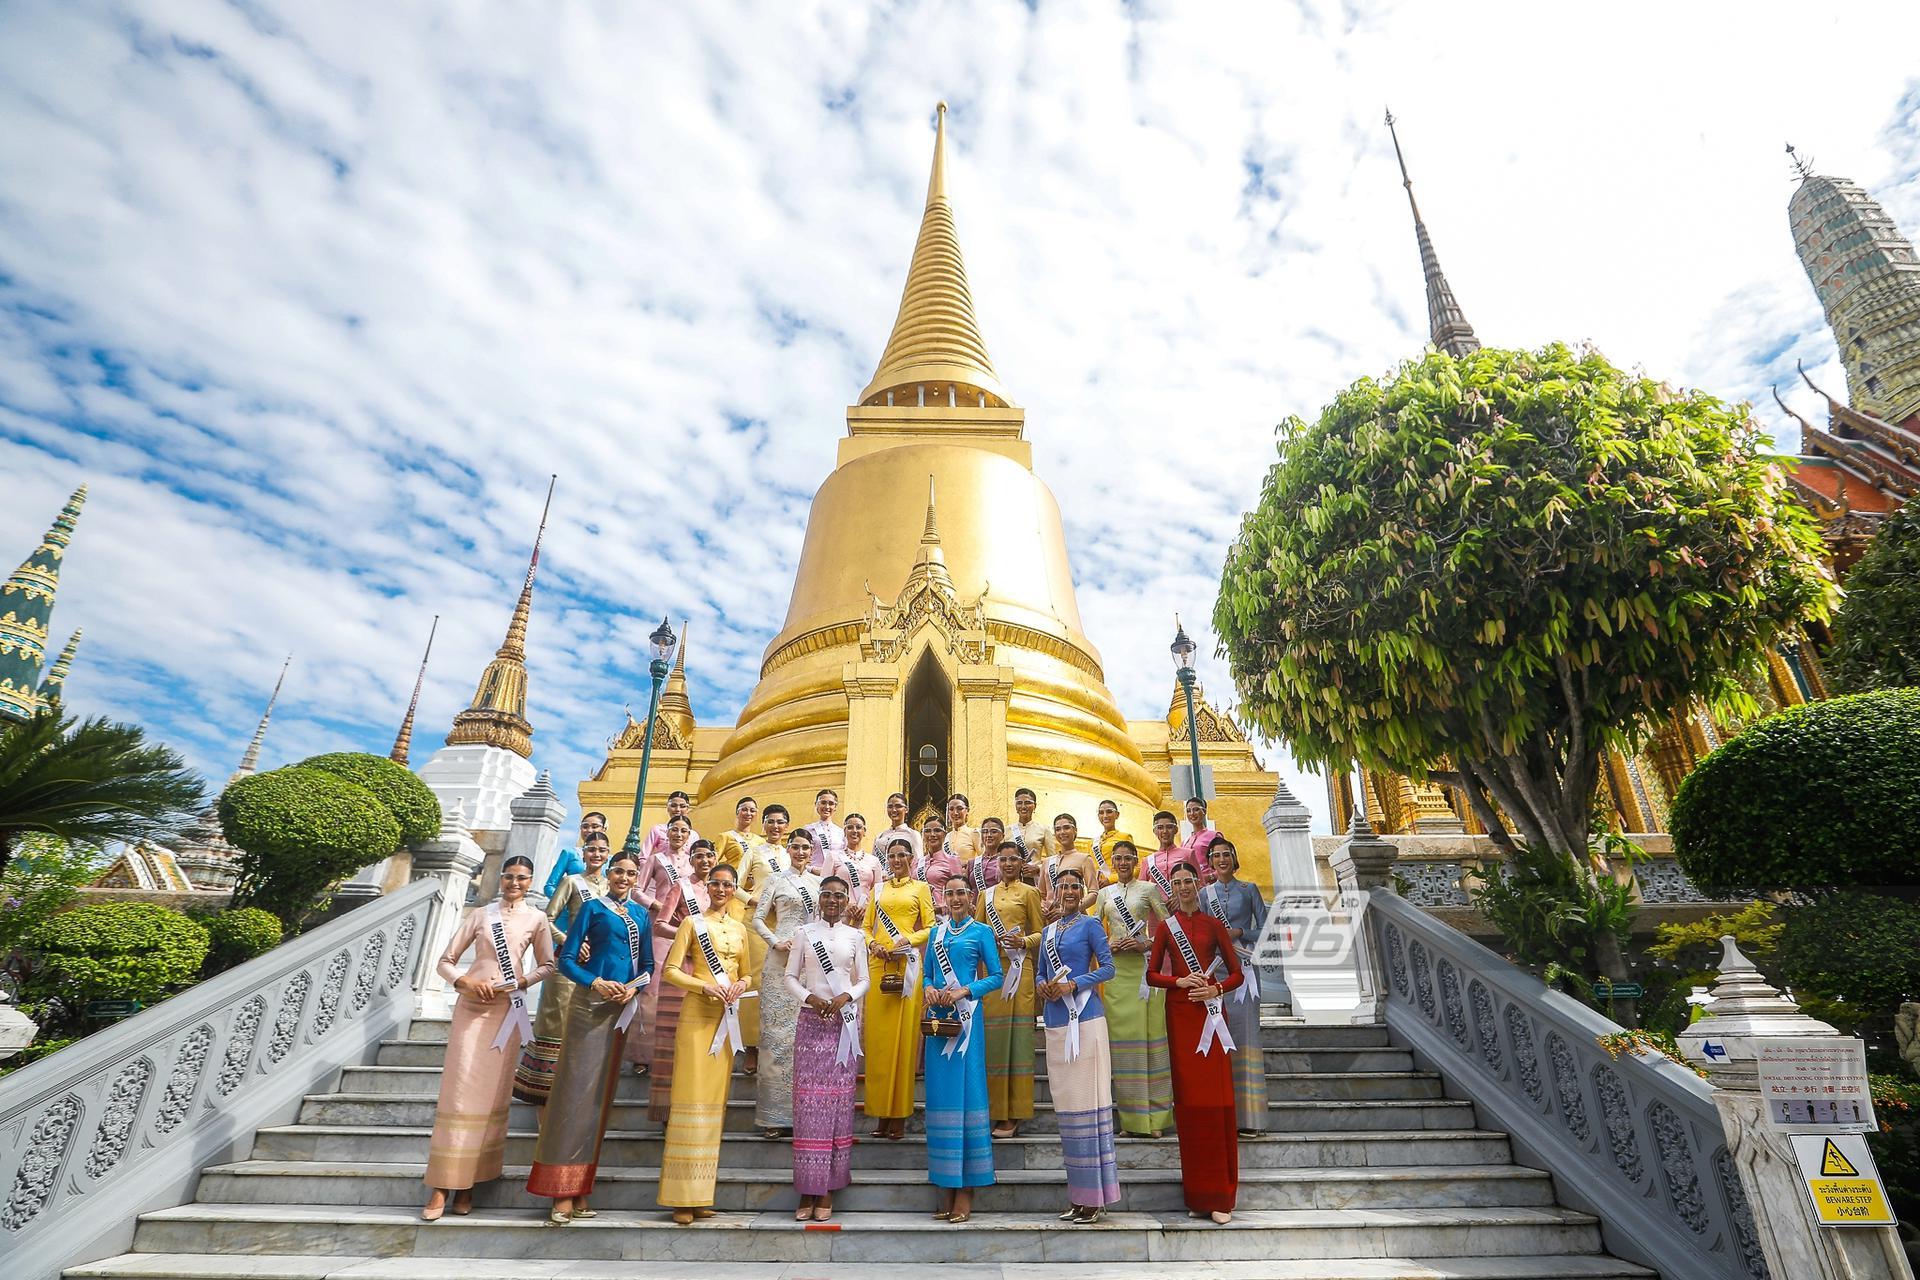 30 สาวงาม MUT 2020 งามอย่างไทย ร่วมสักการะสิ่งศักดิ์สิทธิ์คู่บ้านคู่เมือง